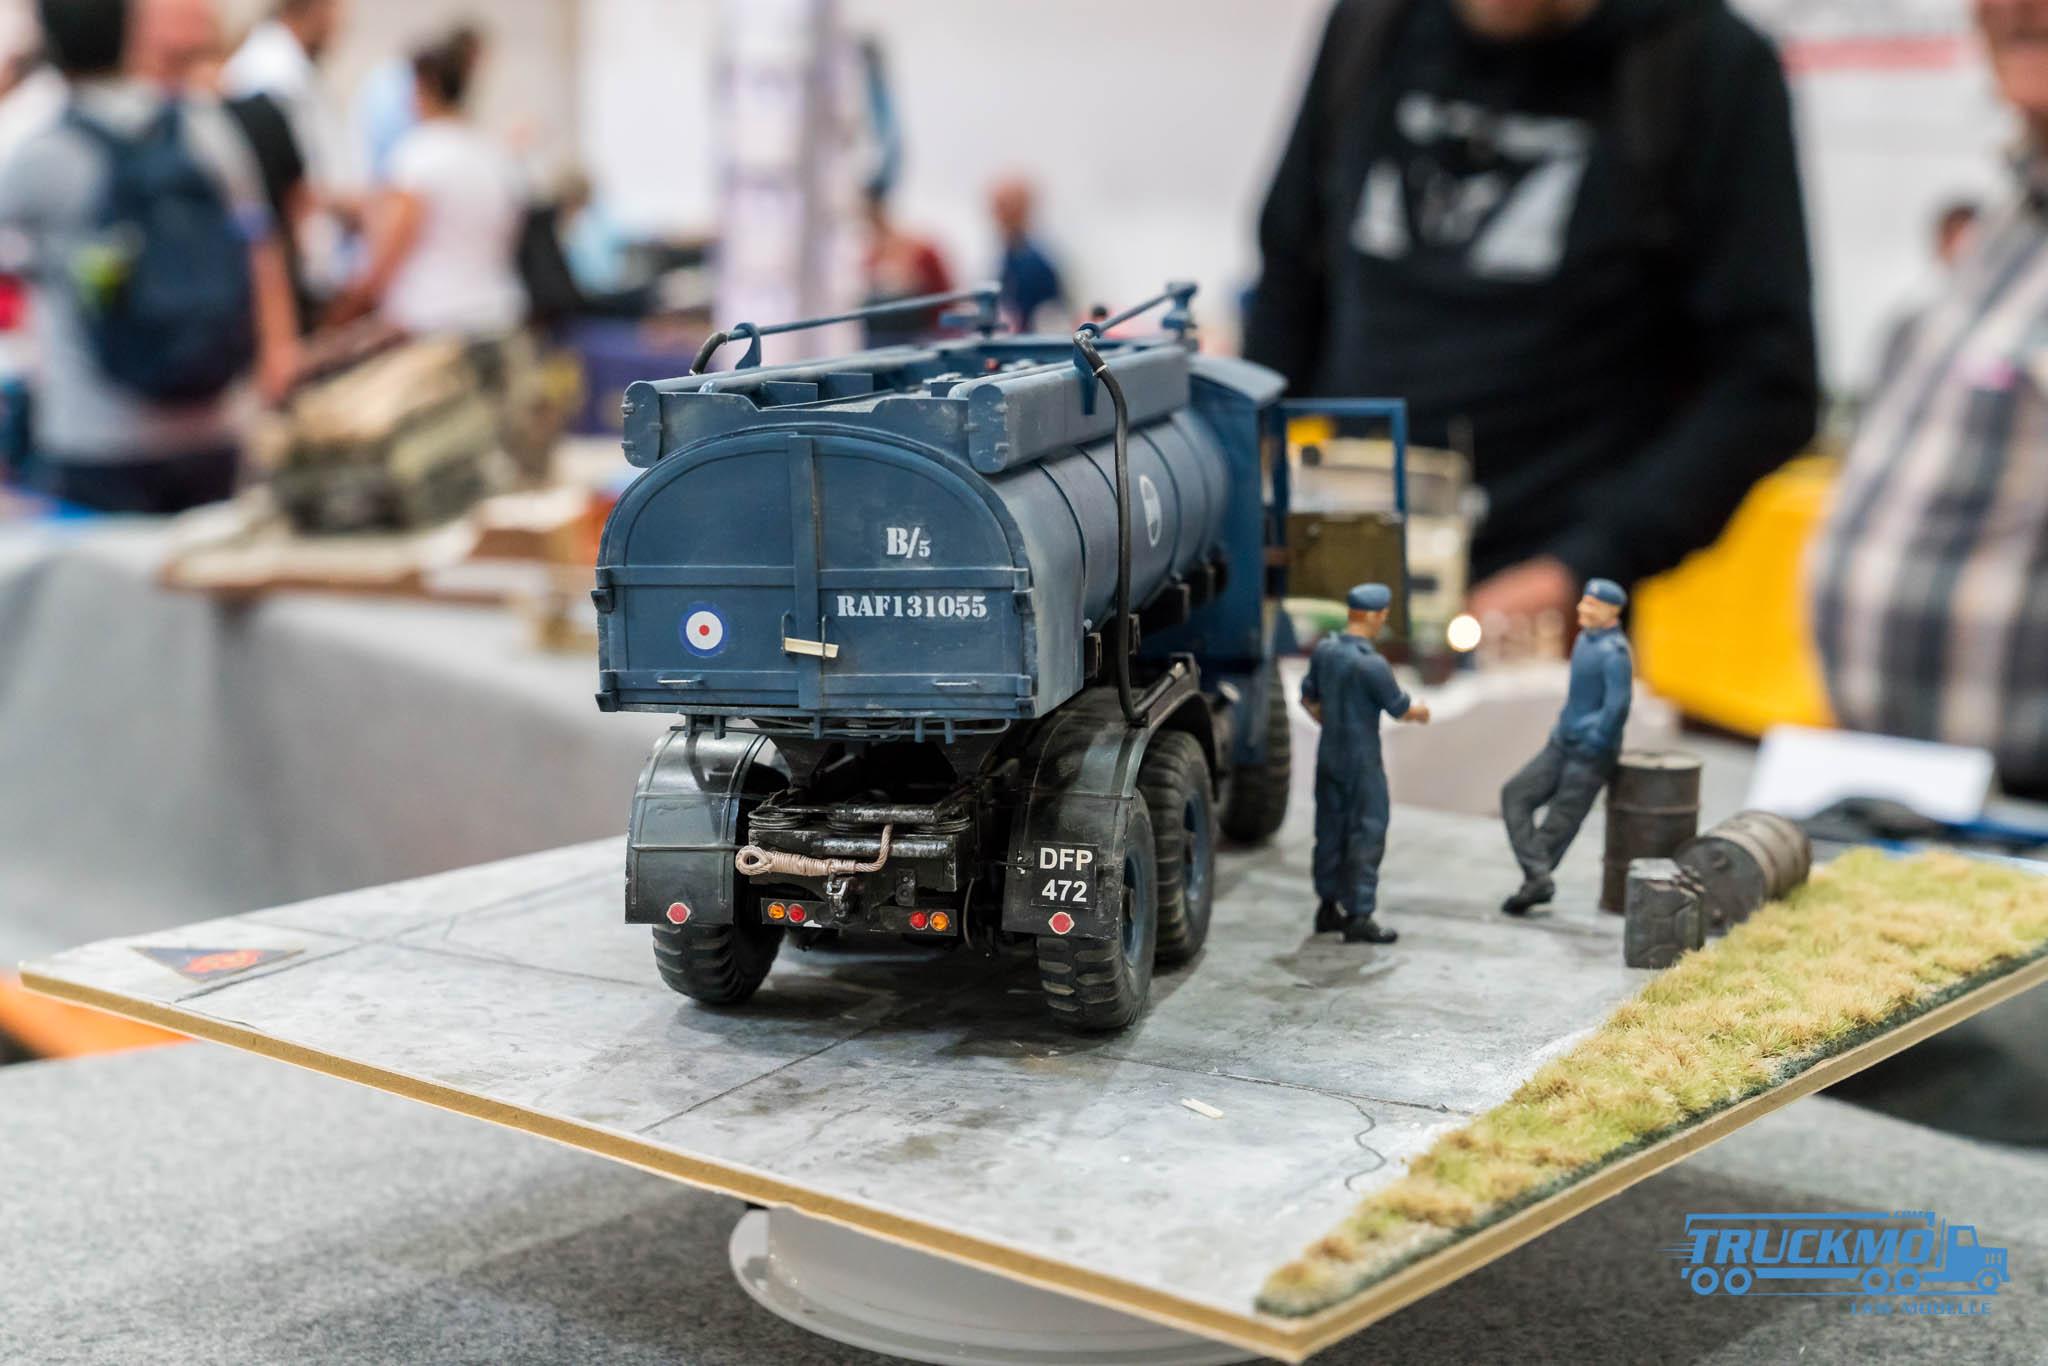 Truckmo_Modellbau_Ried_2017_Herpa_Messe_Modellbauausstellung (434 von 1177)